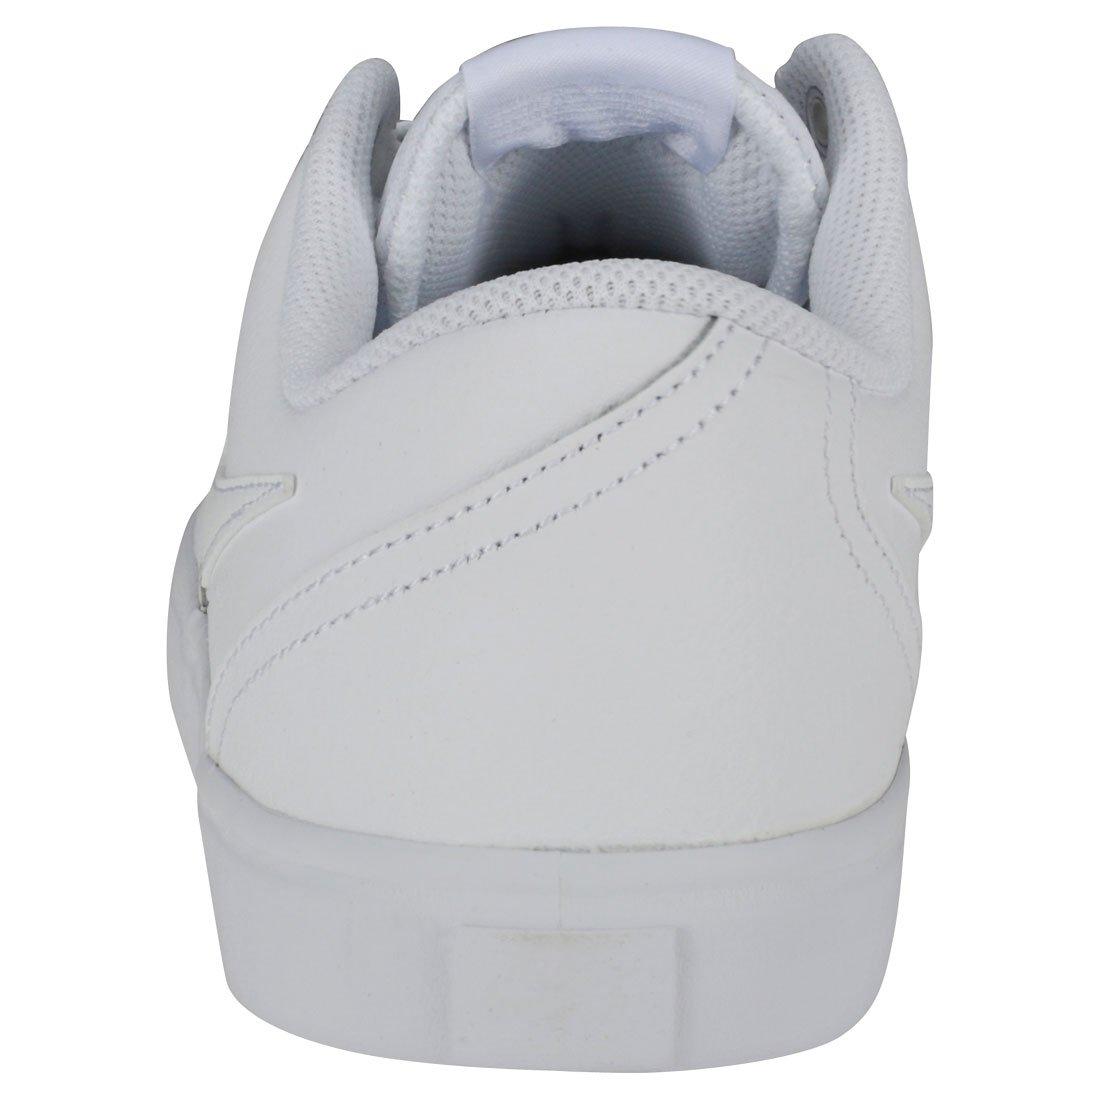 Nike Skateboardschuh SB SB SB Check Solarsoft, Scarpe da Skateboard Uomo B002UOZU2W 46 EU Bianco (bianca bianca-vast grigio 102) | Ha una lunga reputazione  | Clienti In Primo Luogo  | Vendite Online  | Una Grande Varietà Di Prodotti  | qualità regina  | M 2cd50b